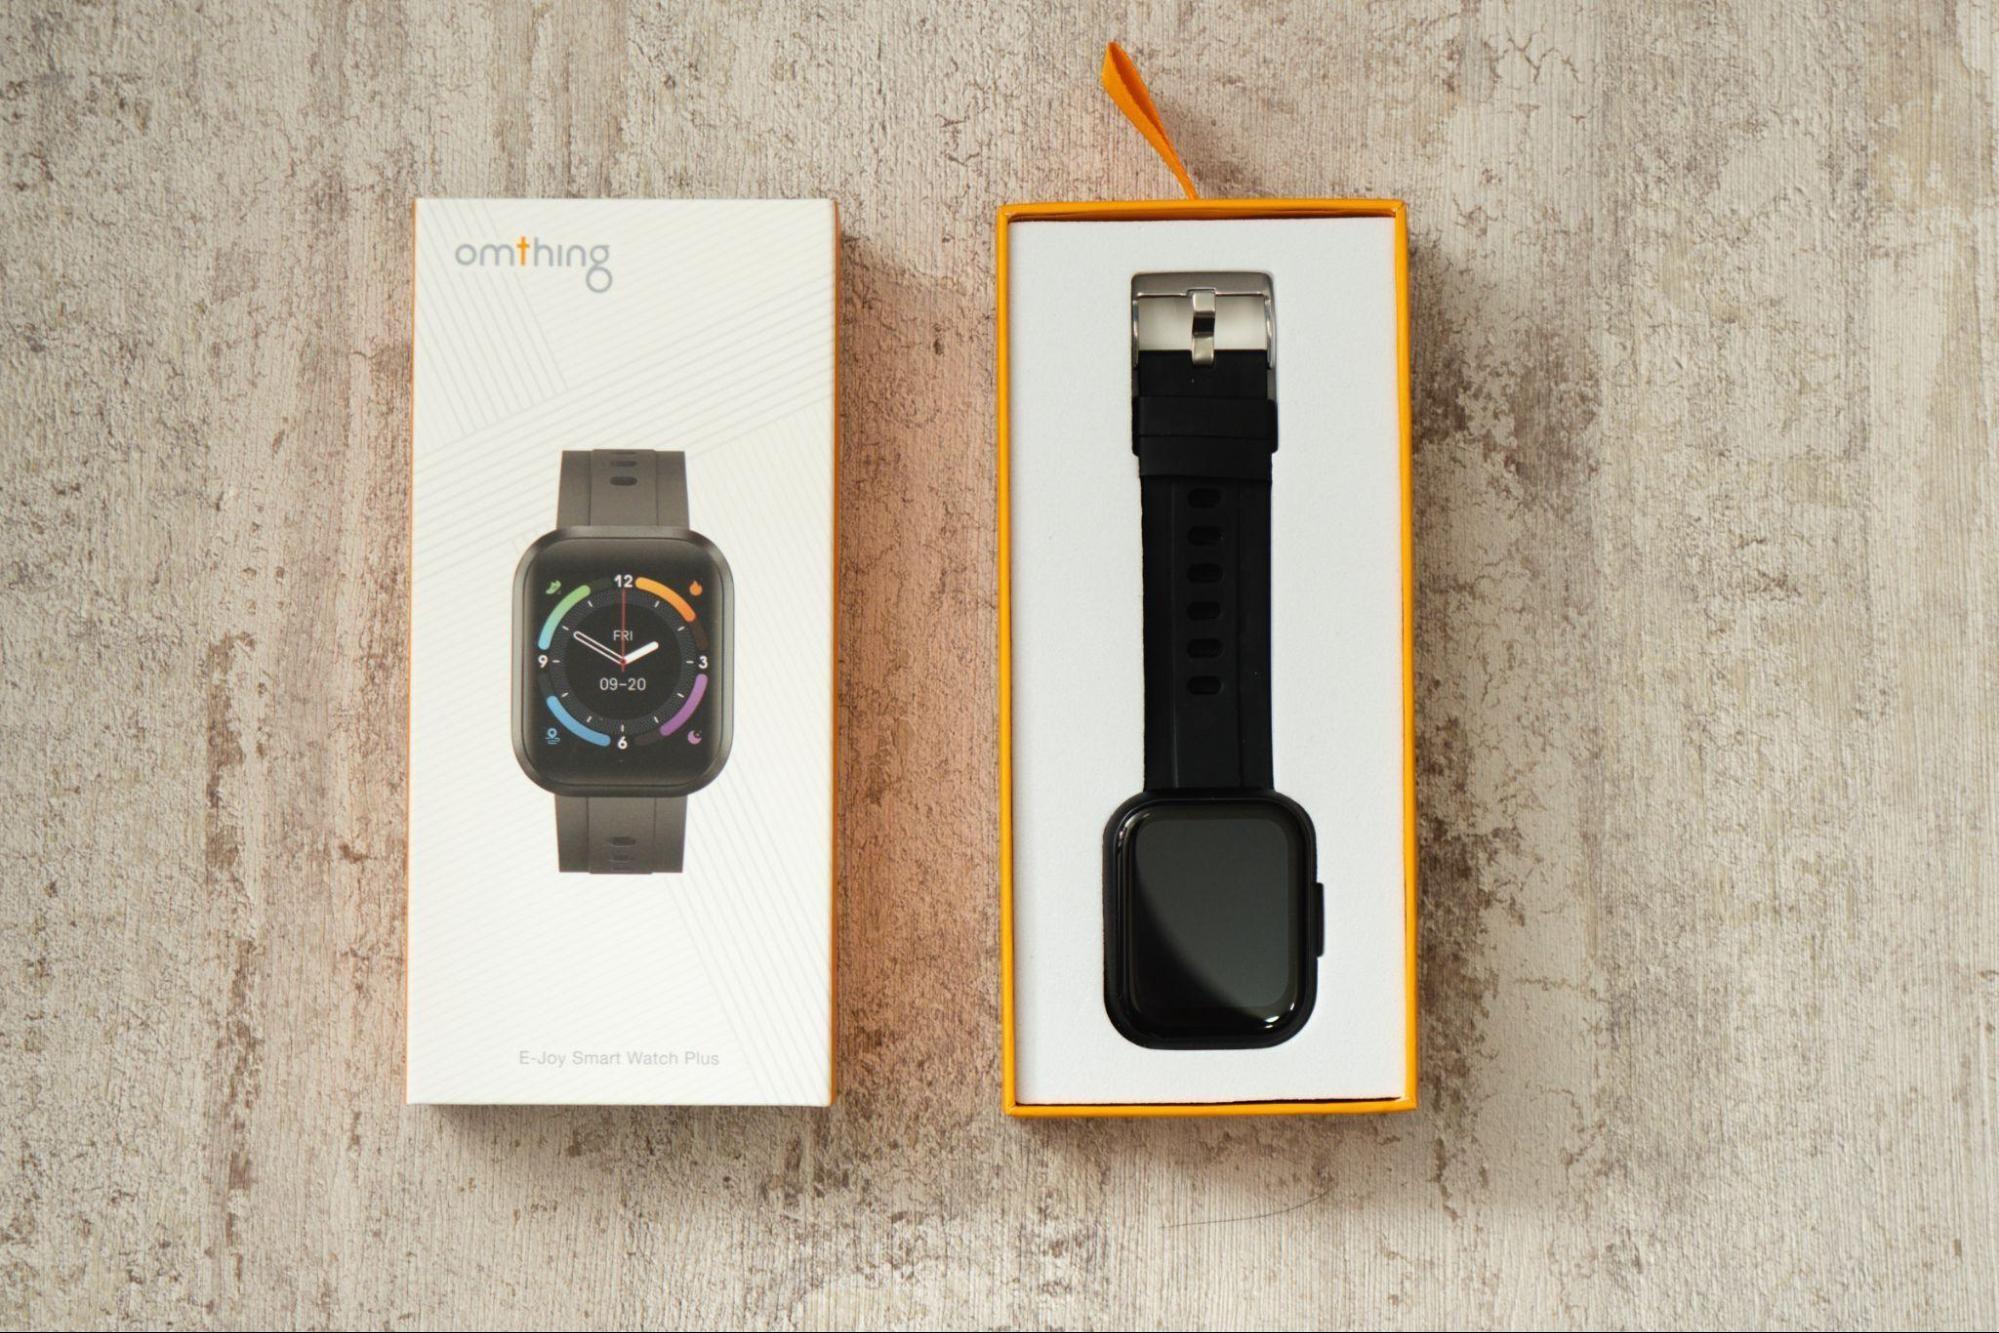 照片中提到了omthing、FRI、09-20,包含了產品設計、產品、牌、設計